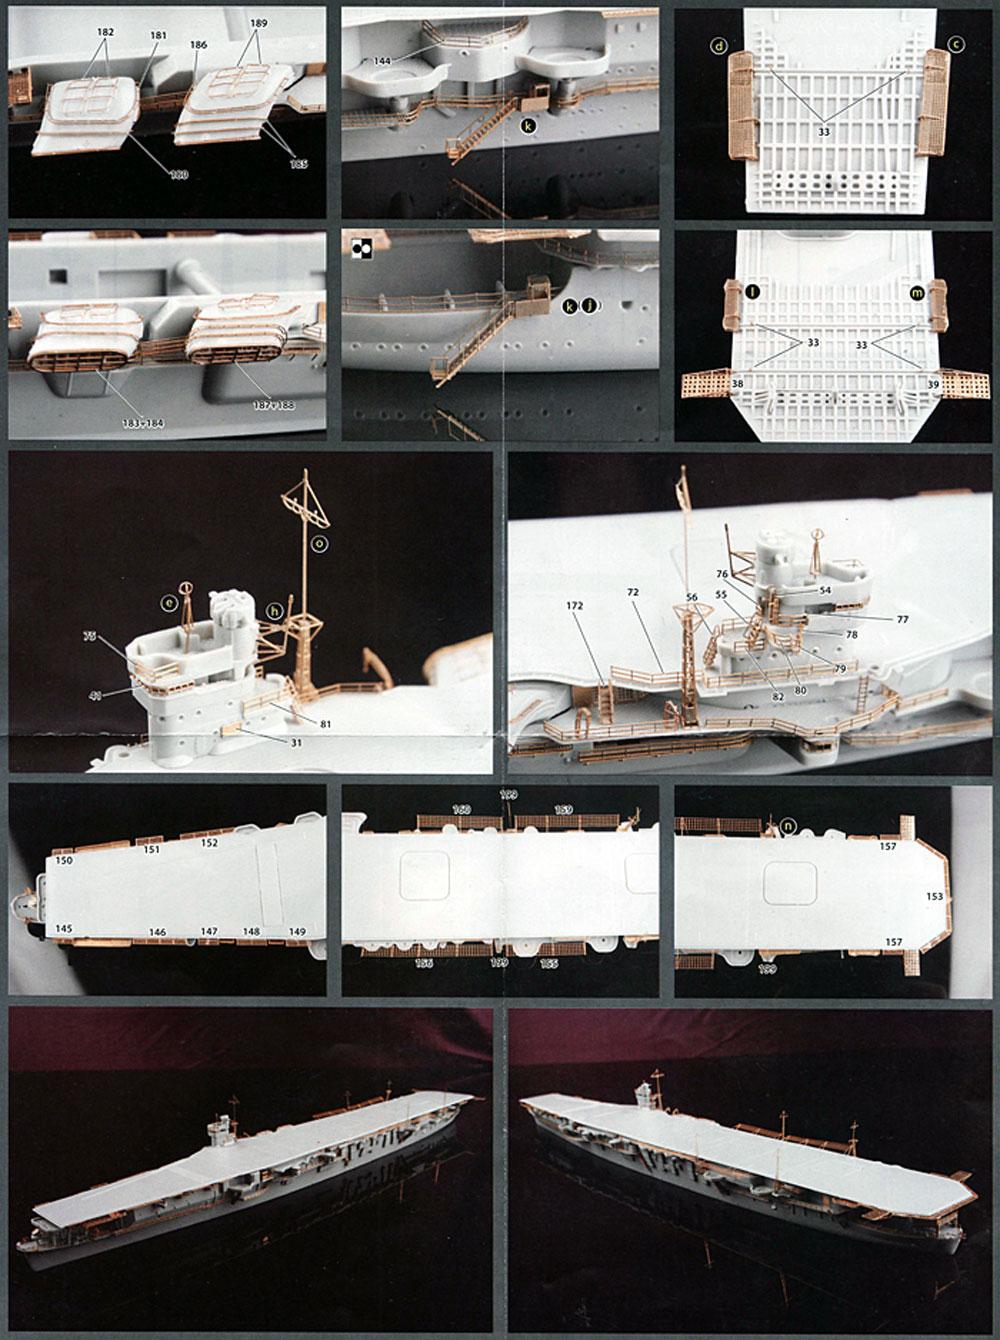 日本海軍 航空母艦 蒼龍 エッチングパーツ w/2ピース 25ミリ機銃エッチング(フジミ1/700 艦船模型用グレードアップパーツNo.特016EX-101)商品画像_4